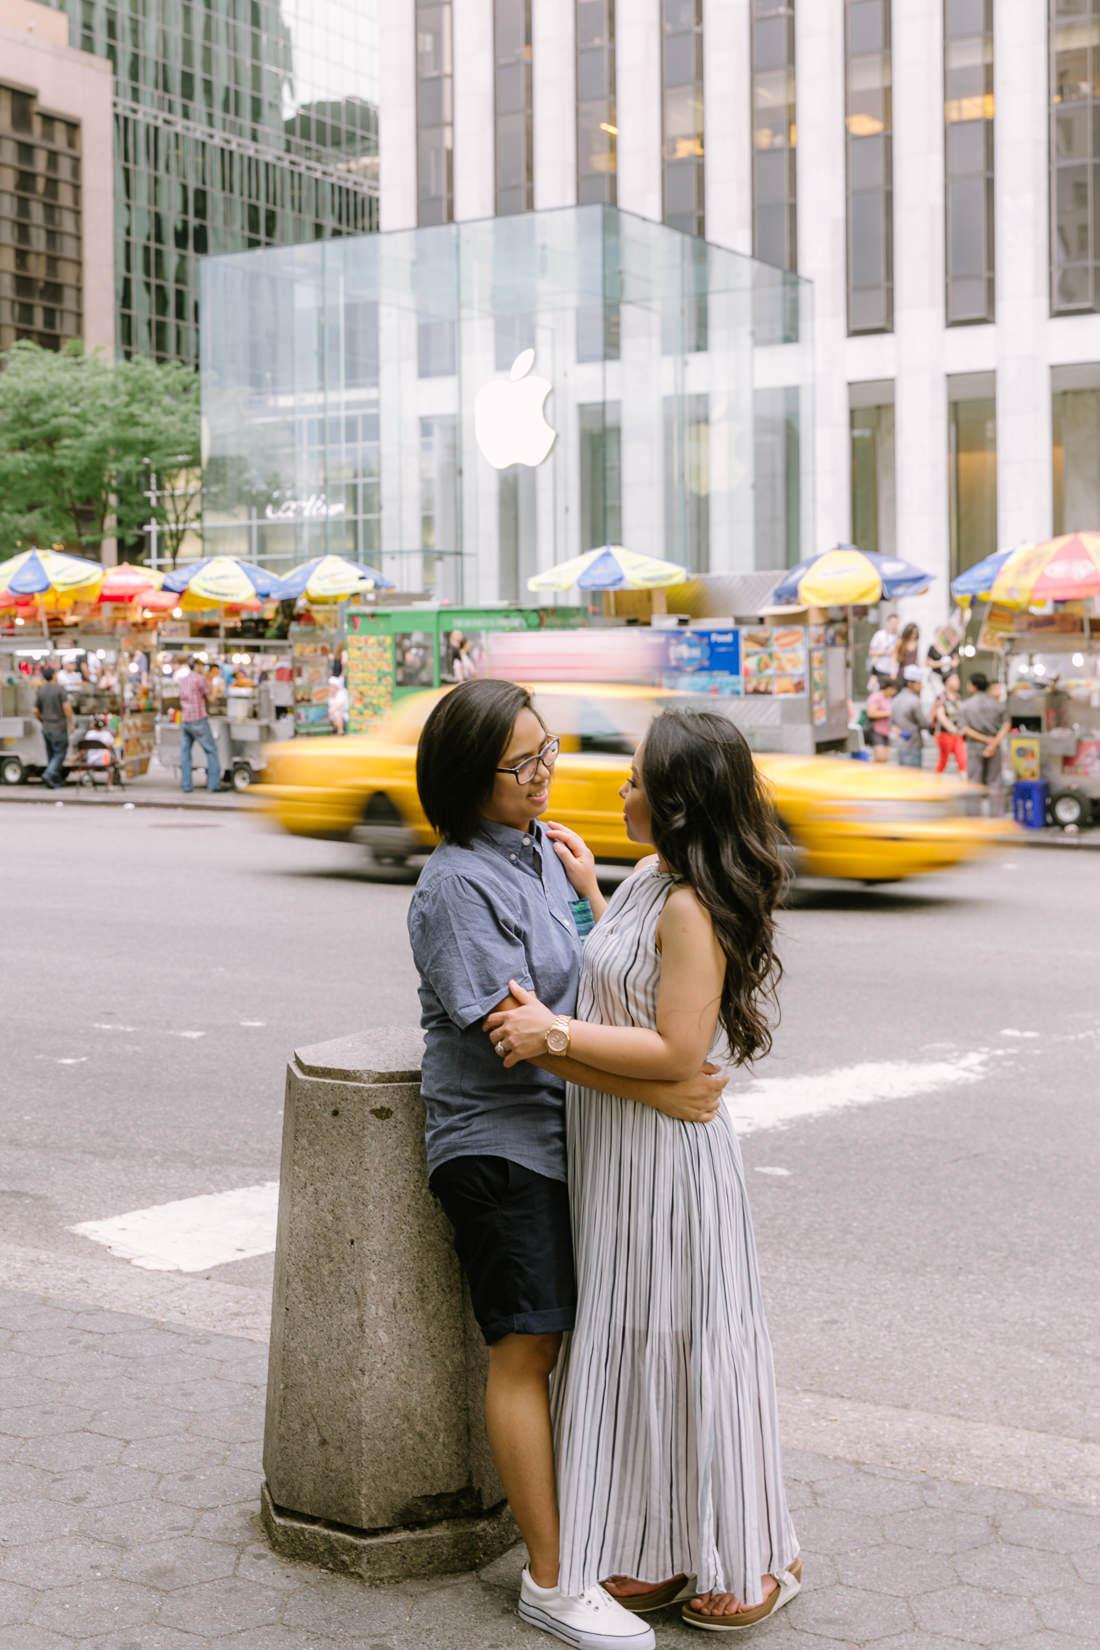 NYC-engagement-photography-by-Tanya-Isaeva-50.jpg